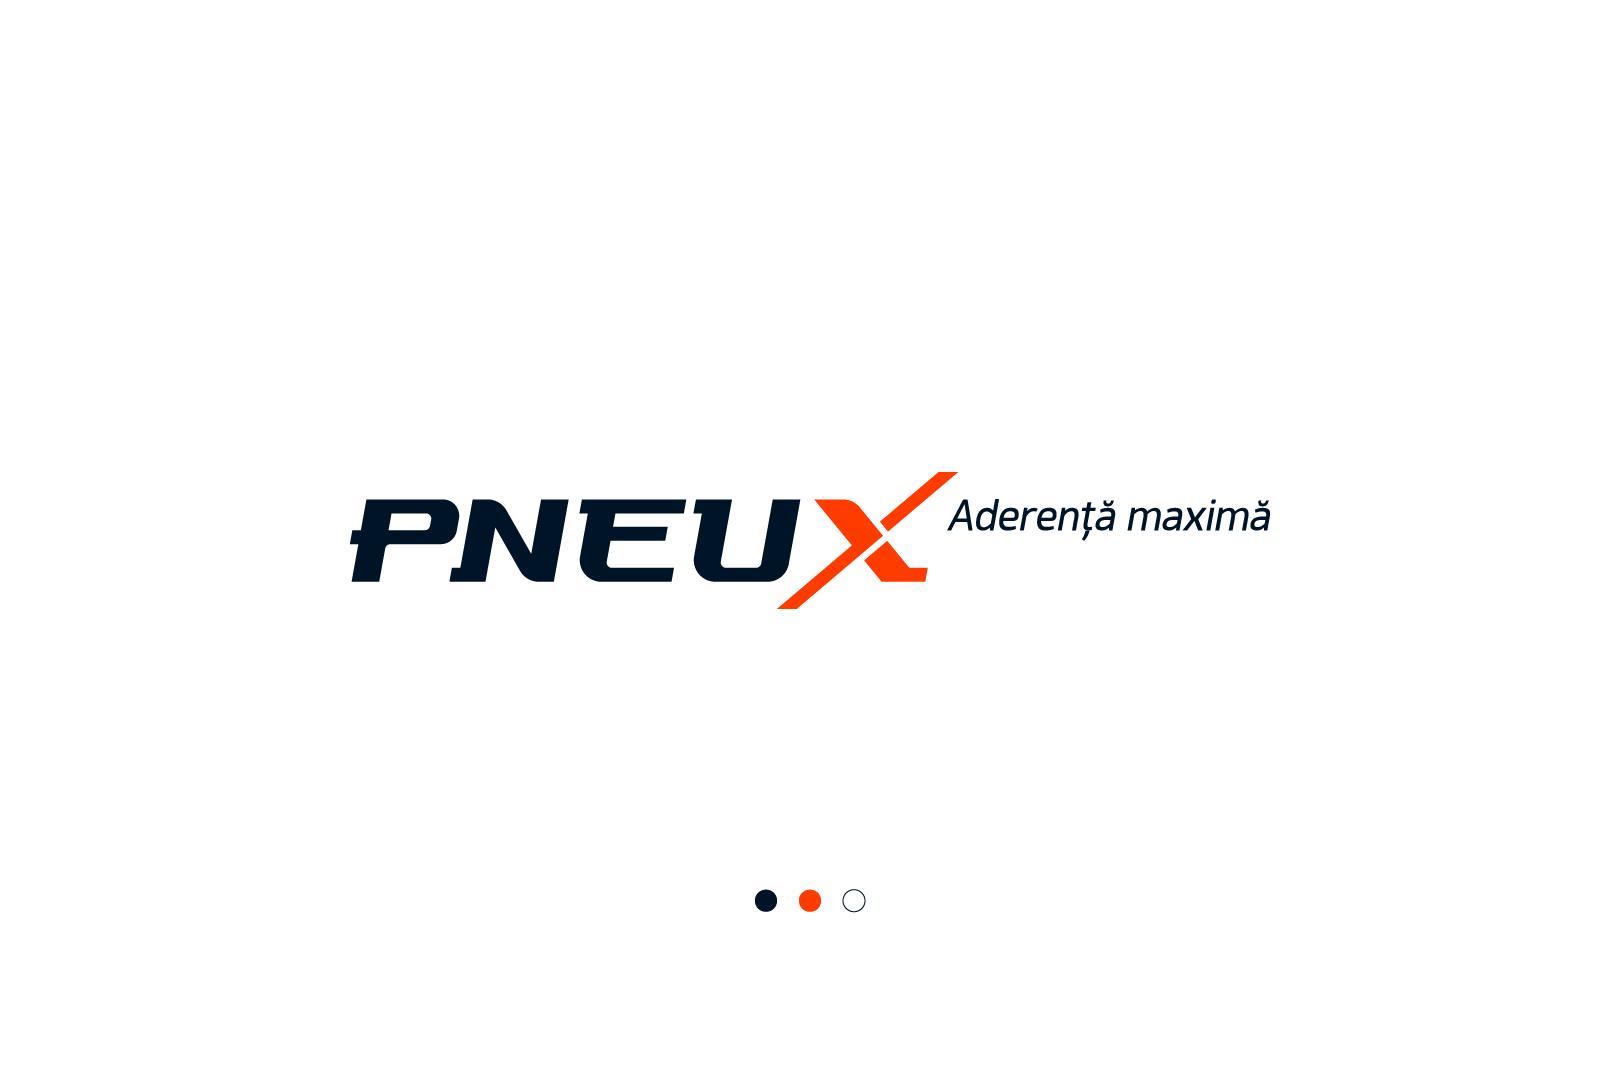 Pneux 02